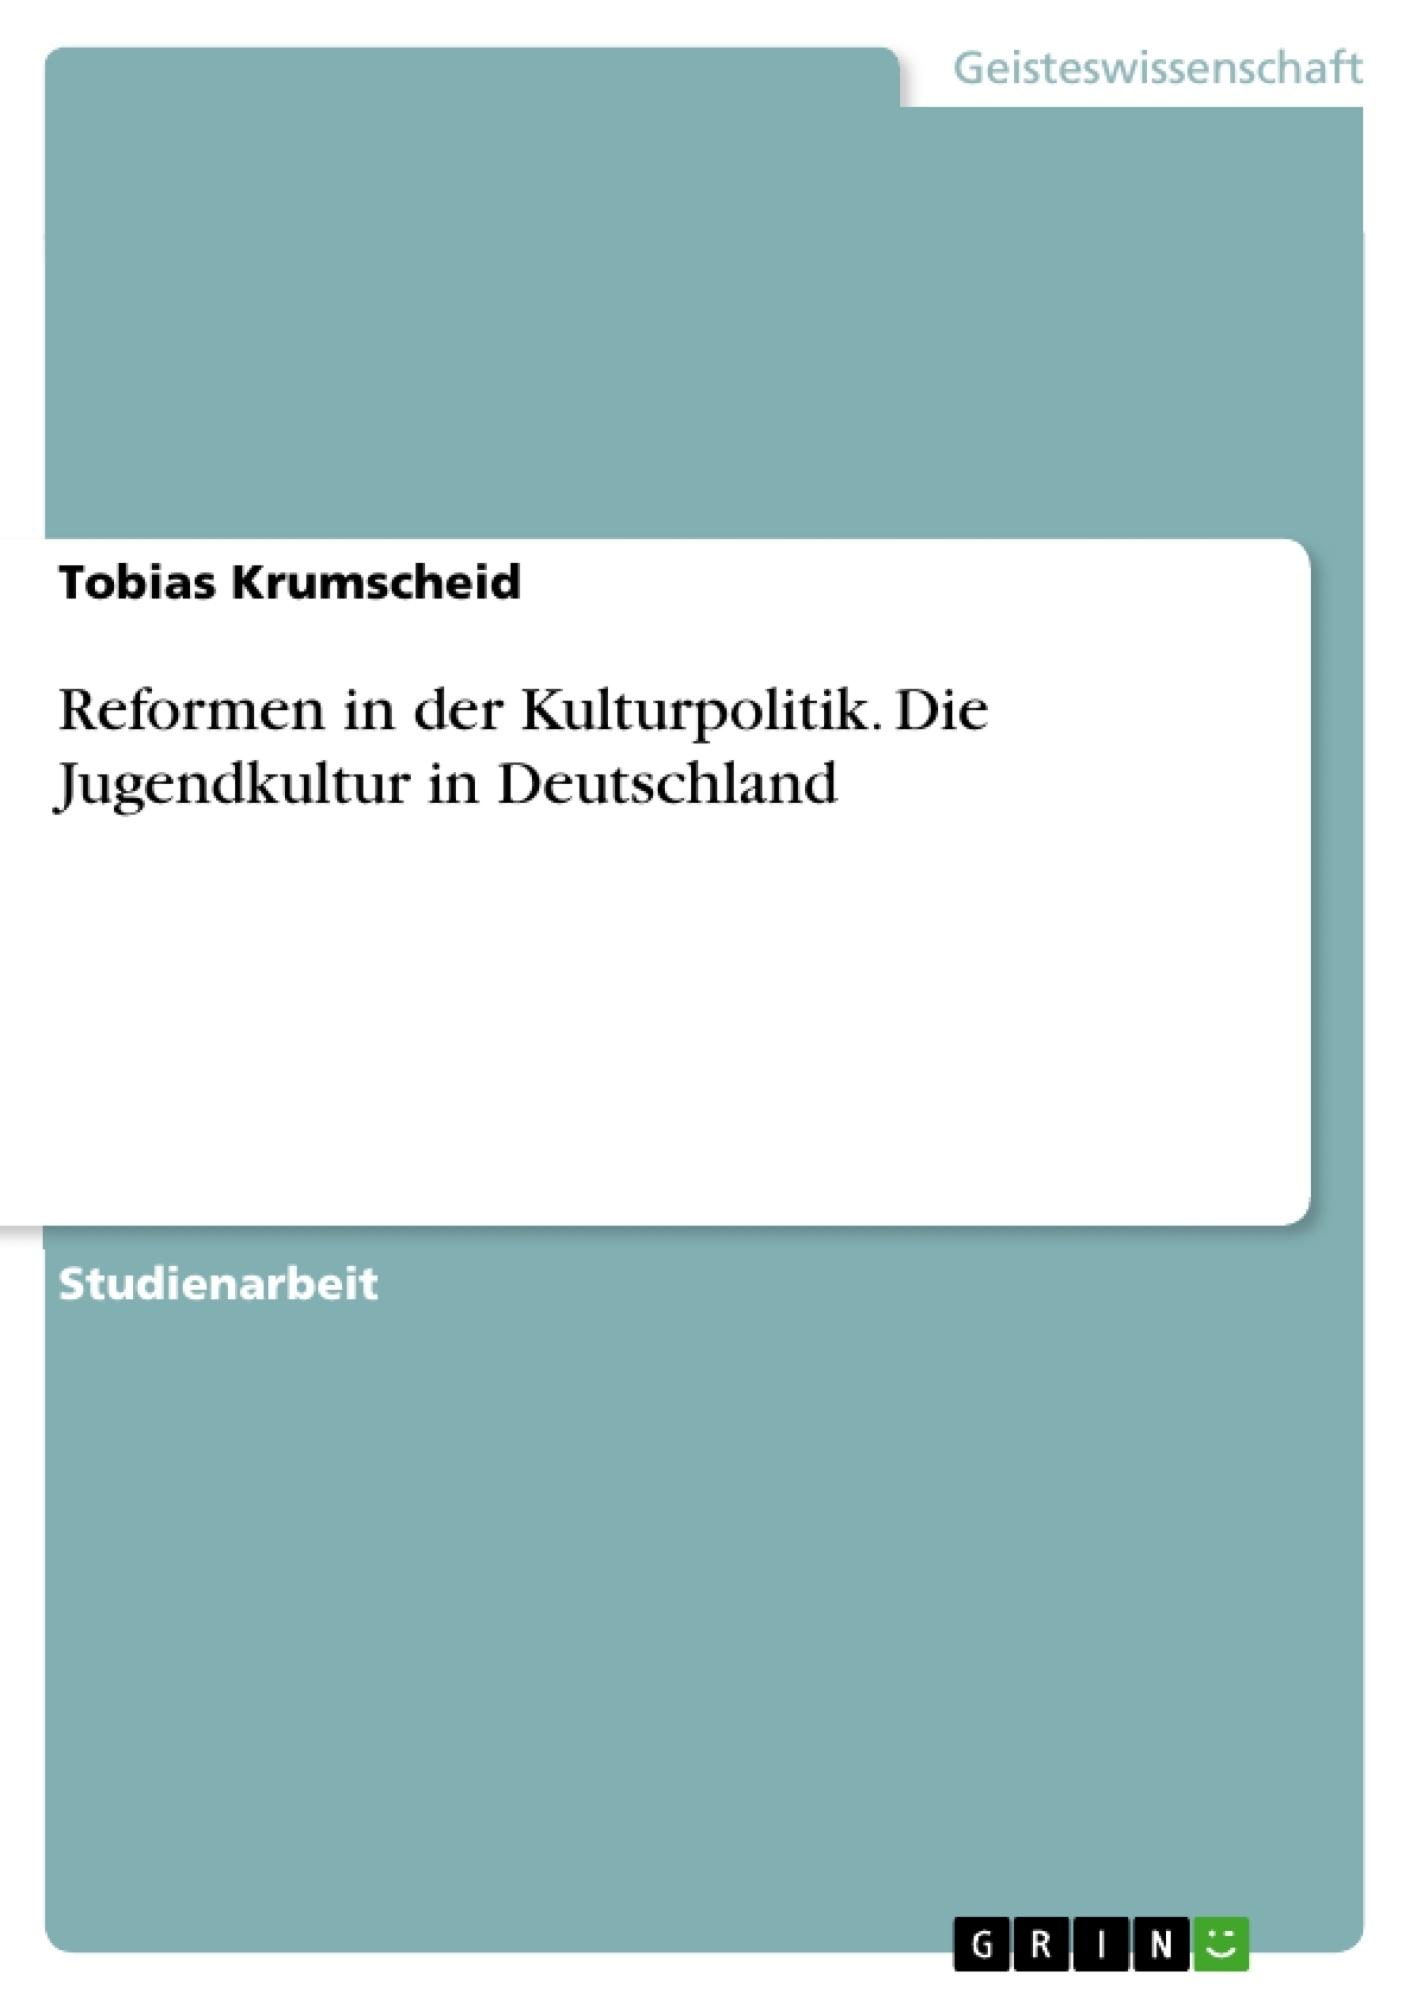 Titel: Reformen in der Kulturpolitik. Die Jugendkultur in Deutschland